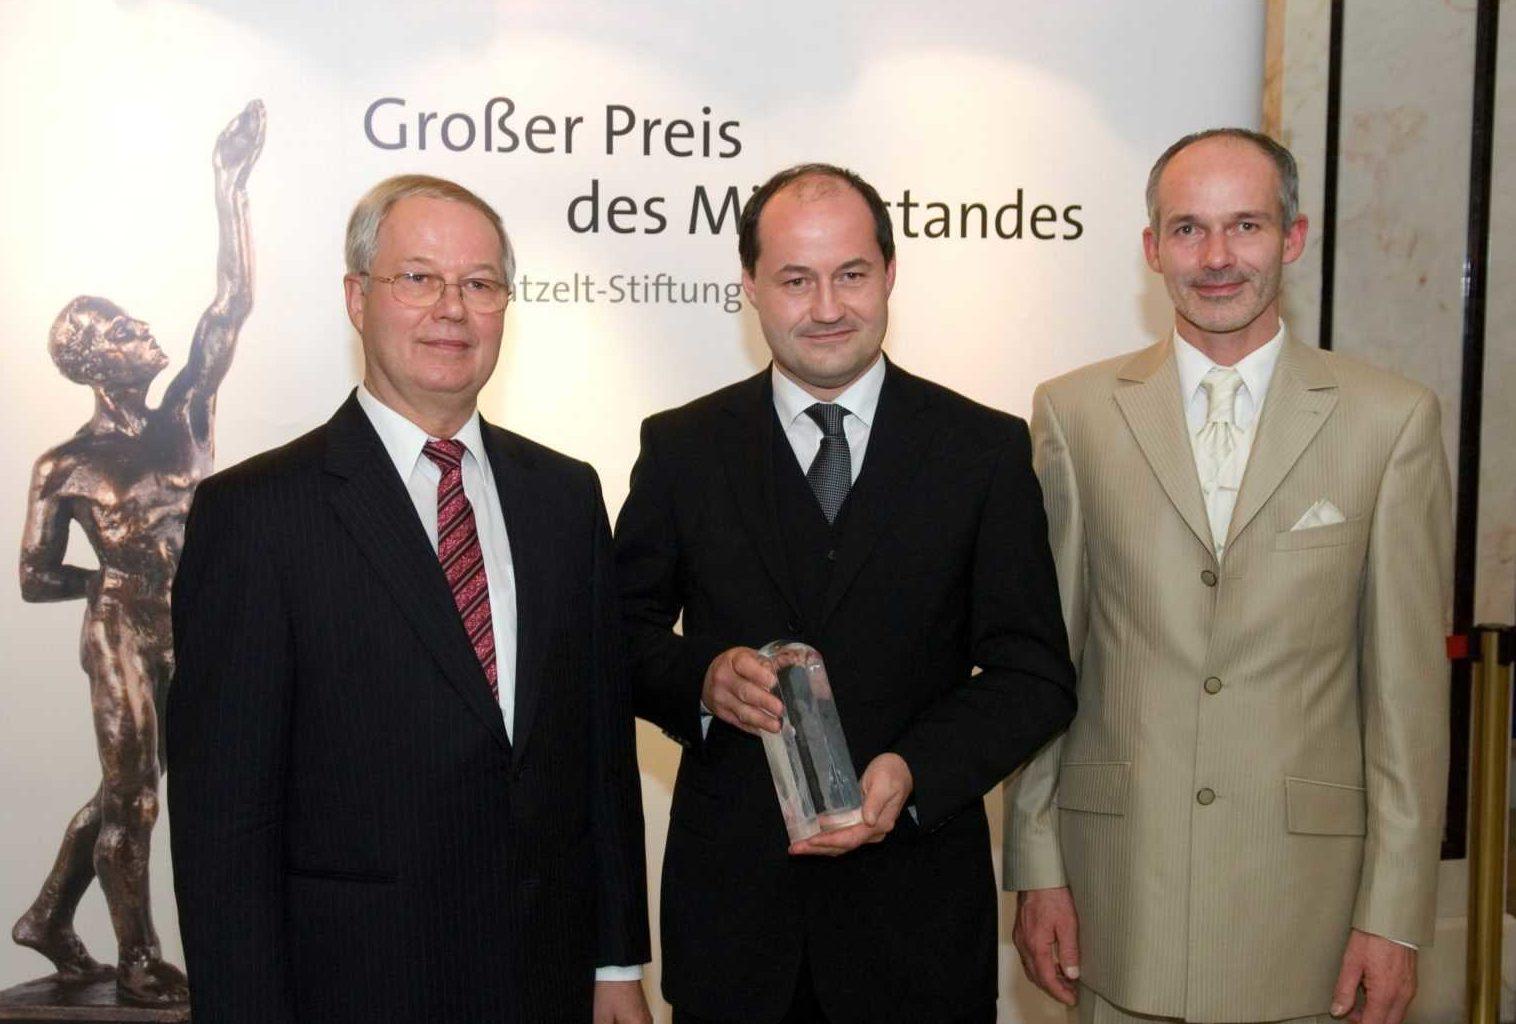 Großer Preis des Mittelstandes Bundespreisträger 2008 - Elektromontagen Leipzig GmbH